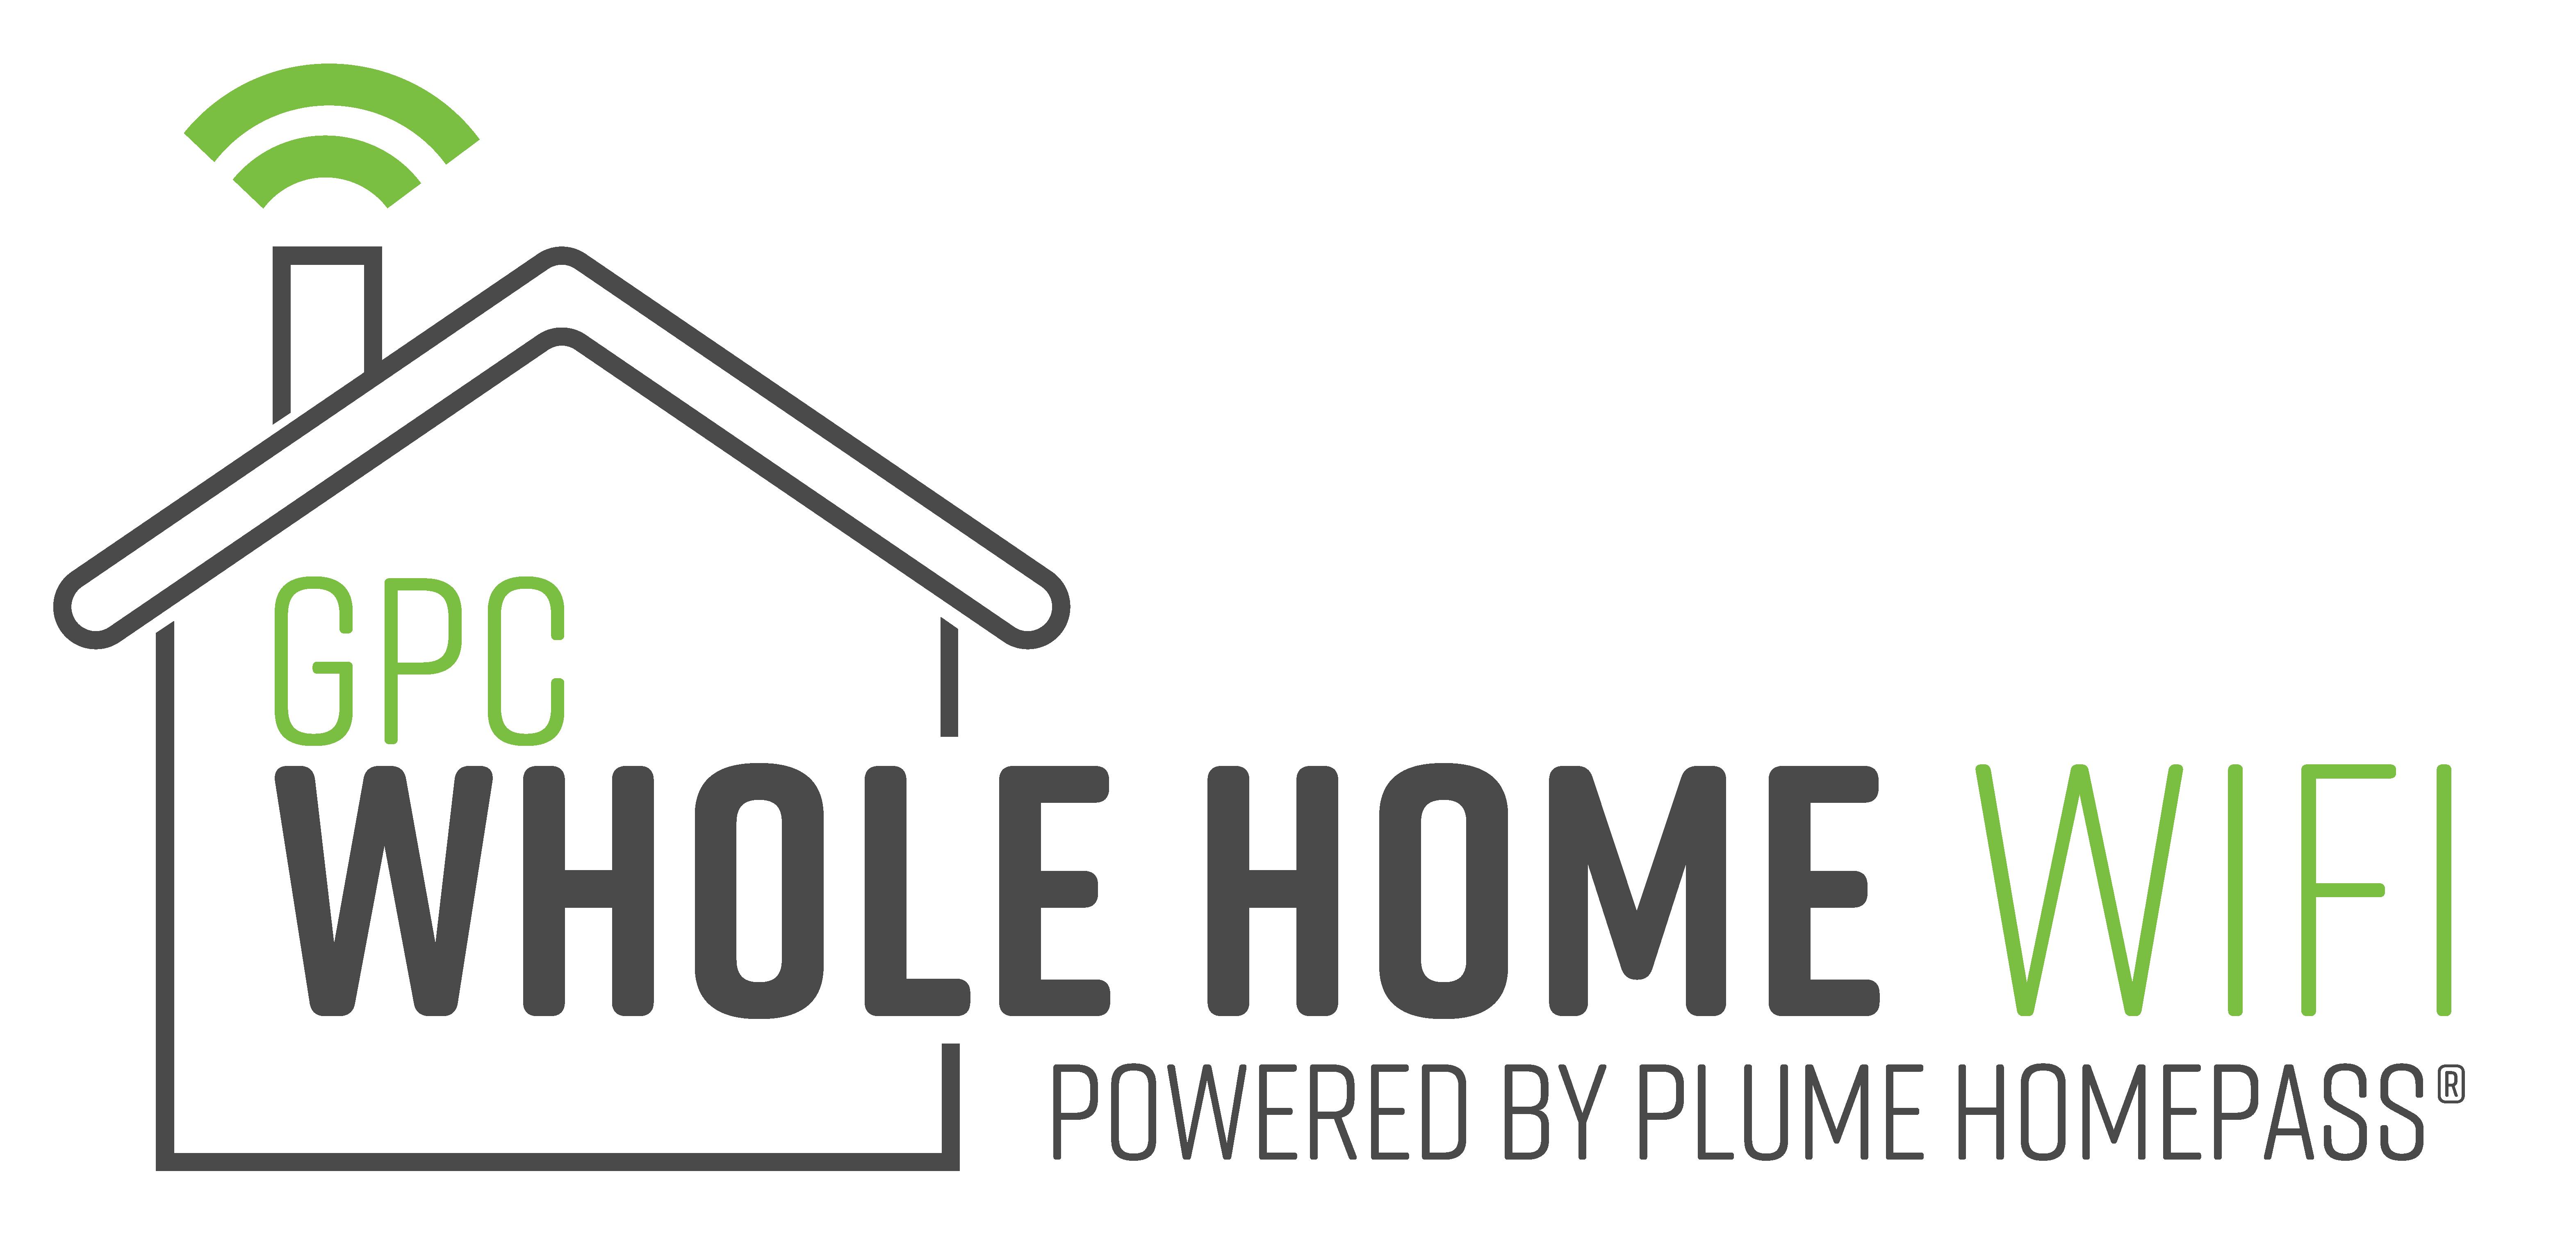 Whole Home WIFI logo